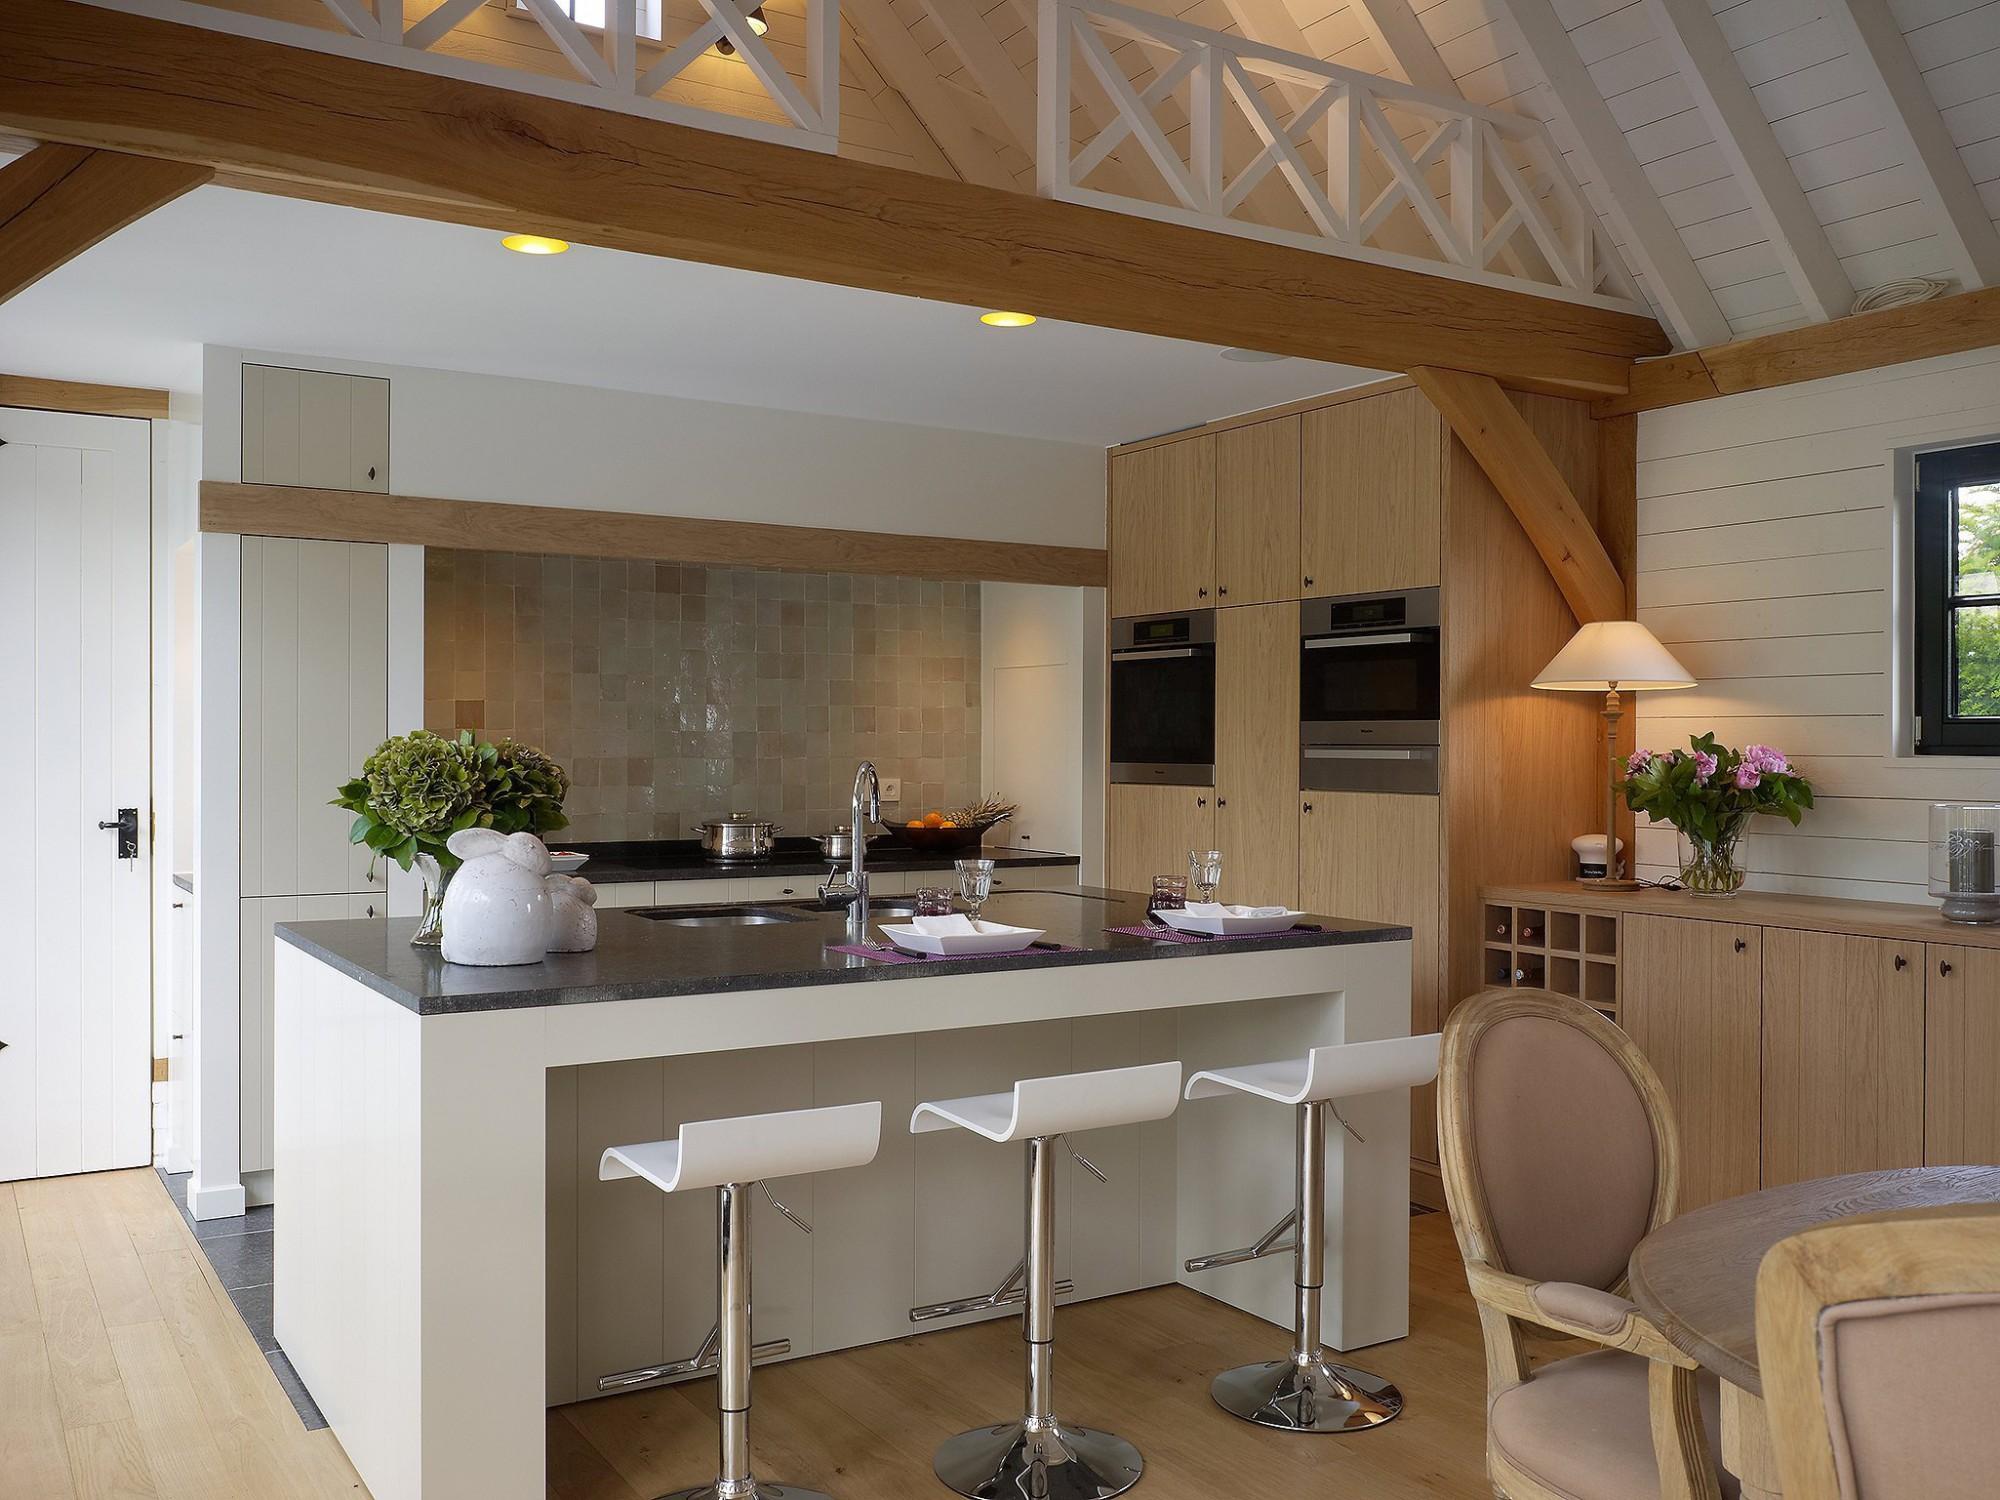 Afbeelding: Fotografie interieur keuken te Elversele voor © Heritage Building,  fotografie keukens Foto Van Huffel.